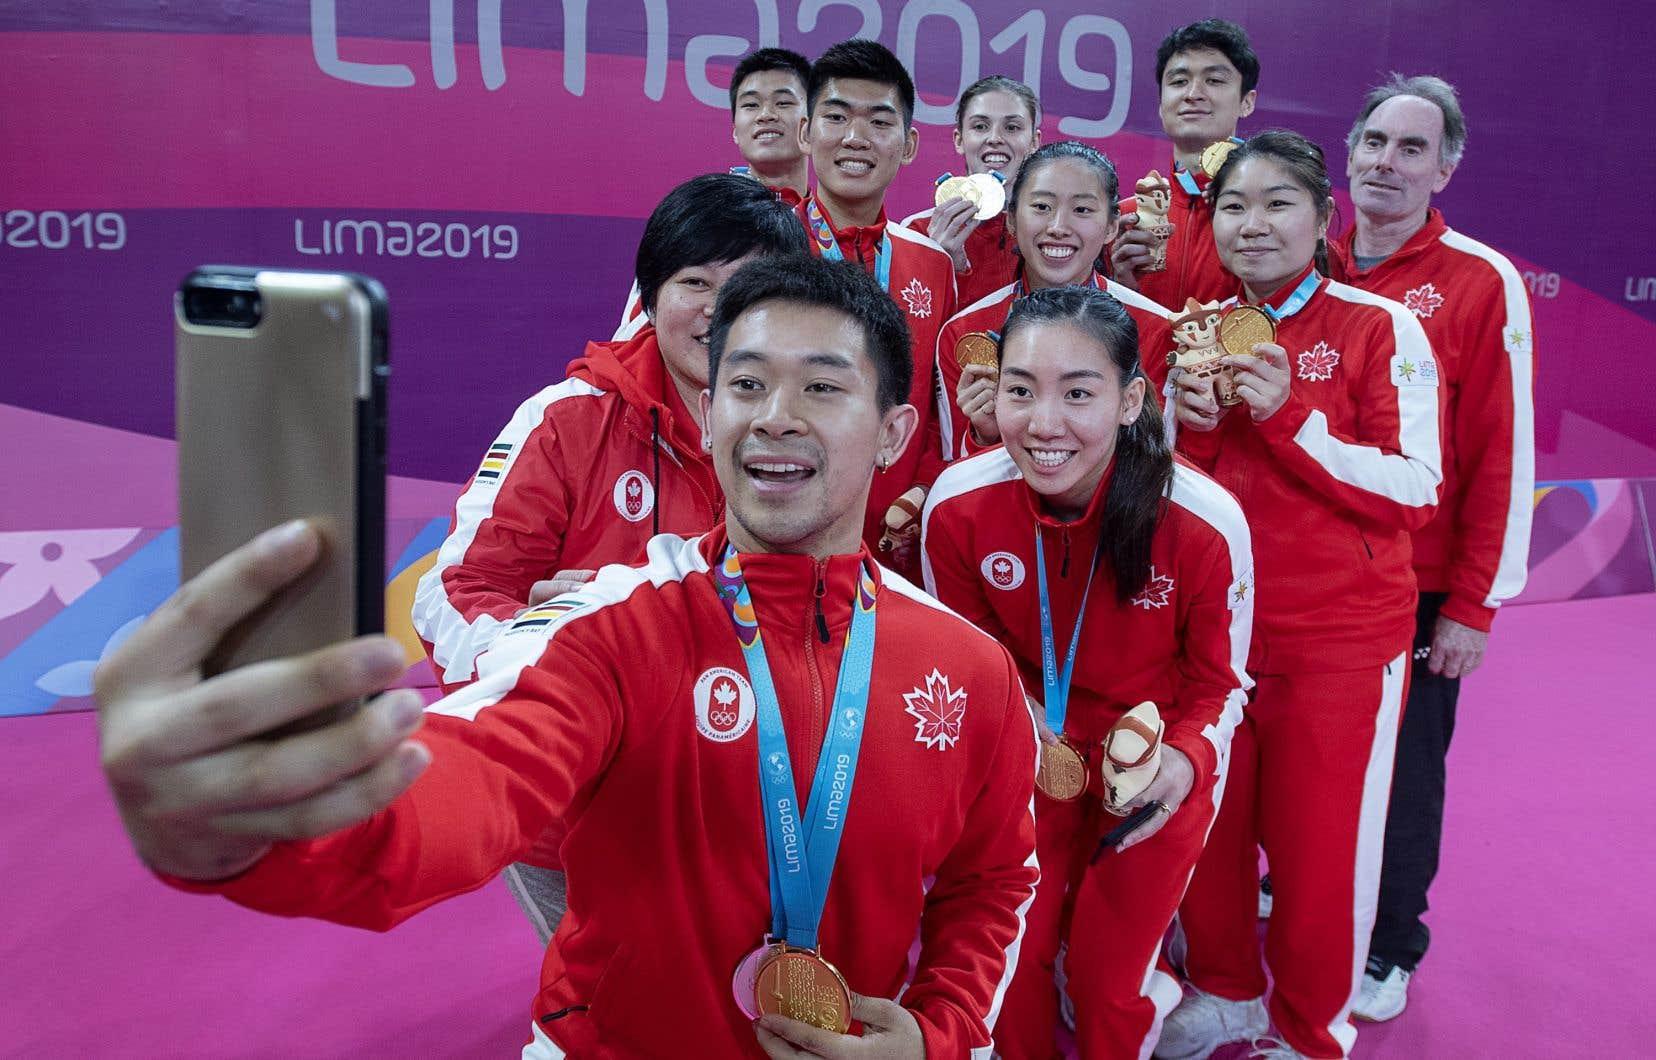 Le Canada a fini troisième avec 152 médailles (35 d'or, 64 d'argent et 53 de bronze), contre 217 médailles il y a quatre ans.